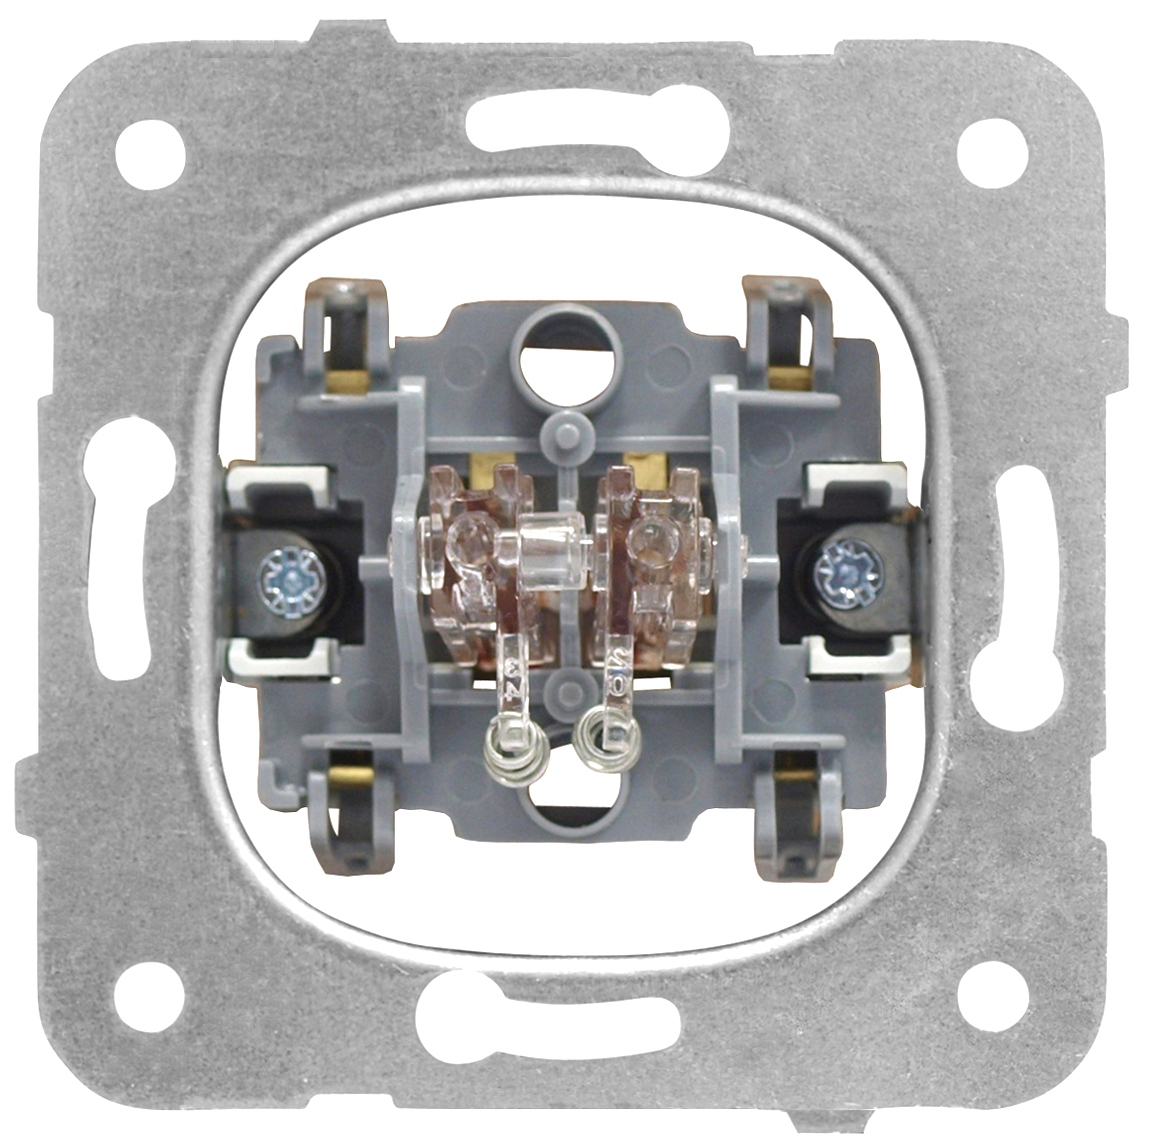 1 Stk Doppeltaster-Einsatz, Schließer, getrennte Strombahnen EV100023--